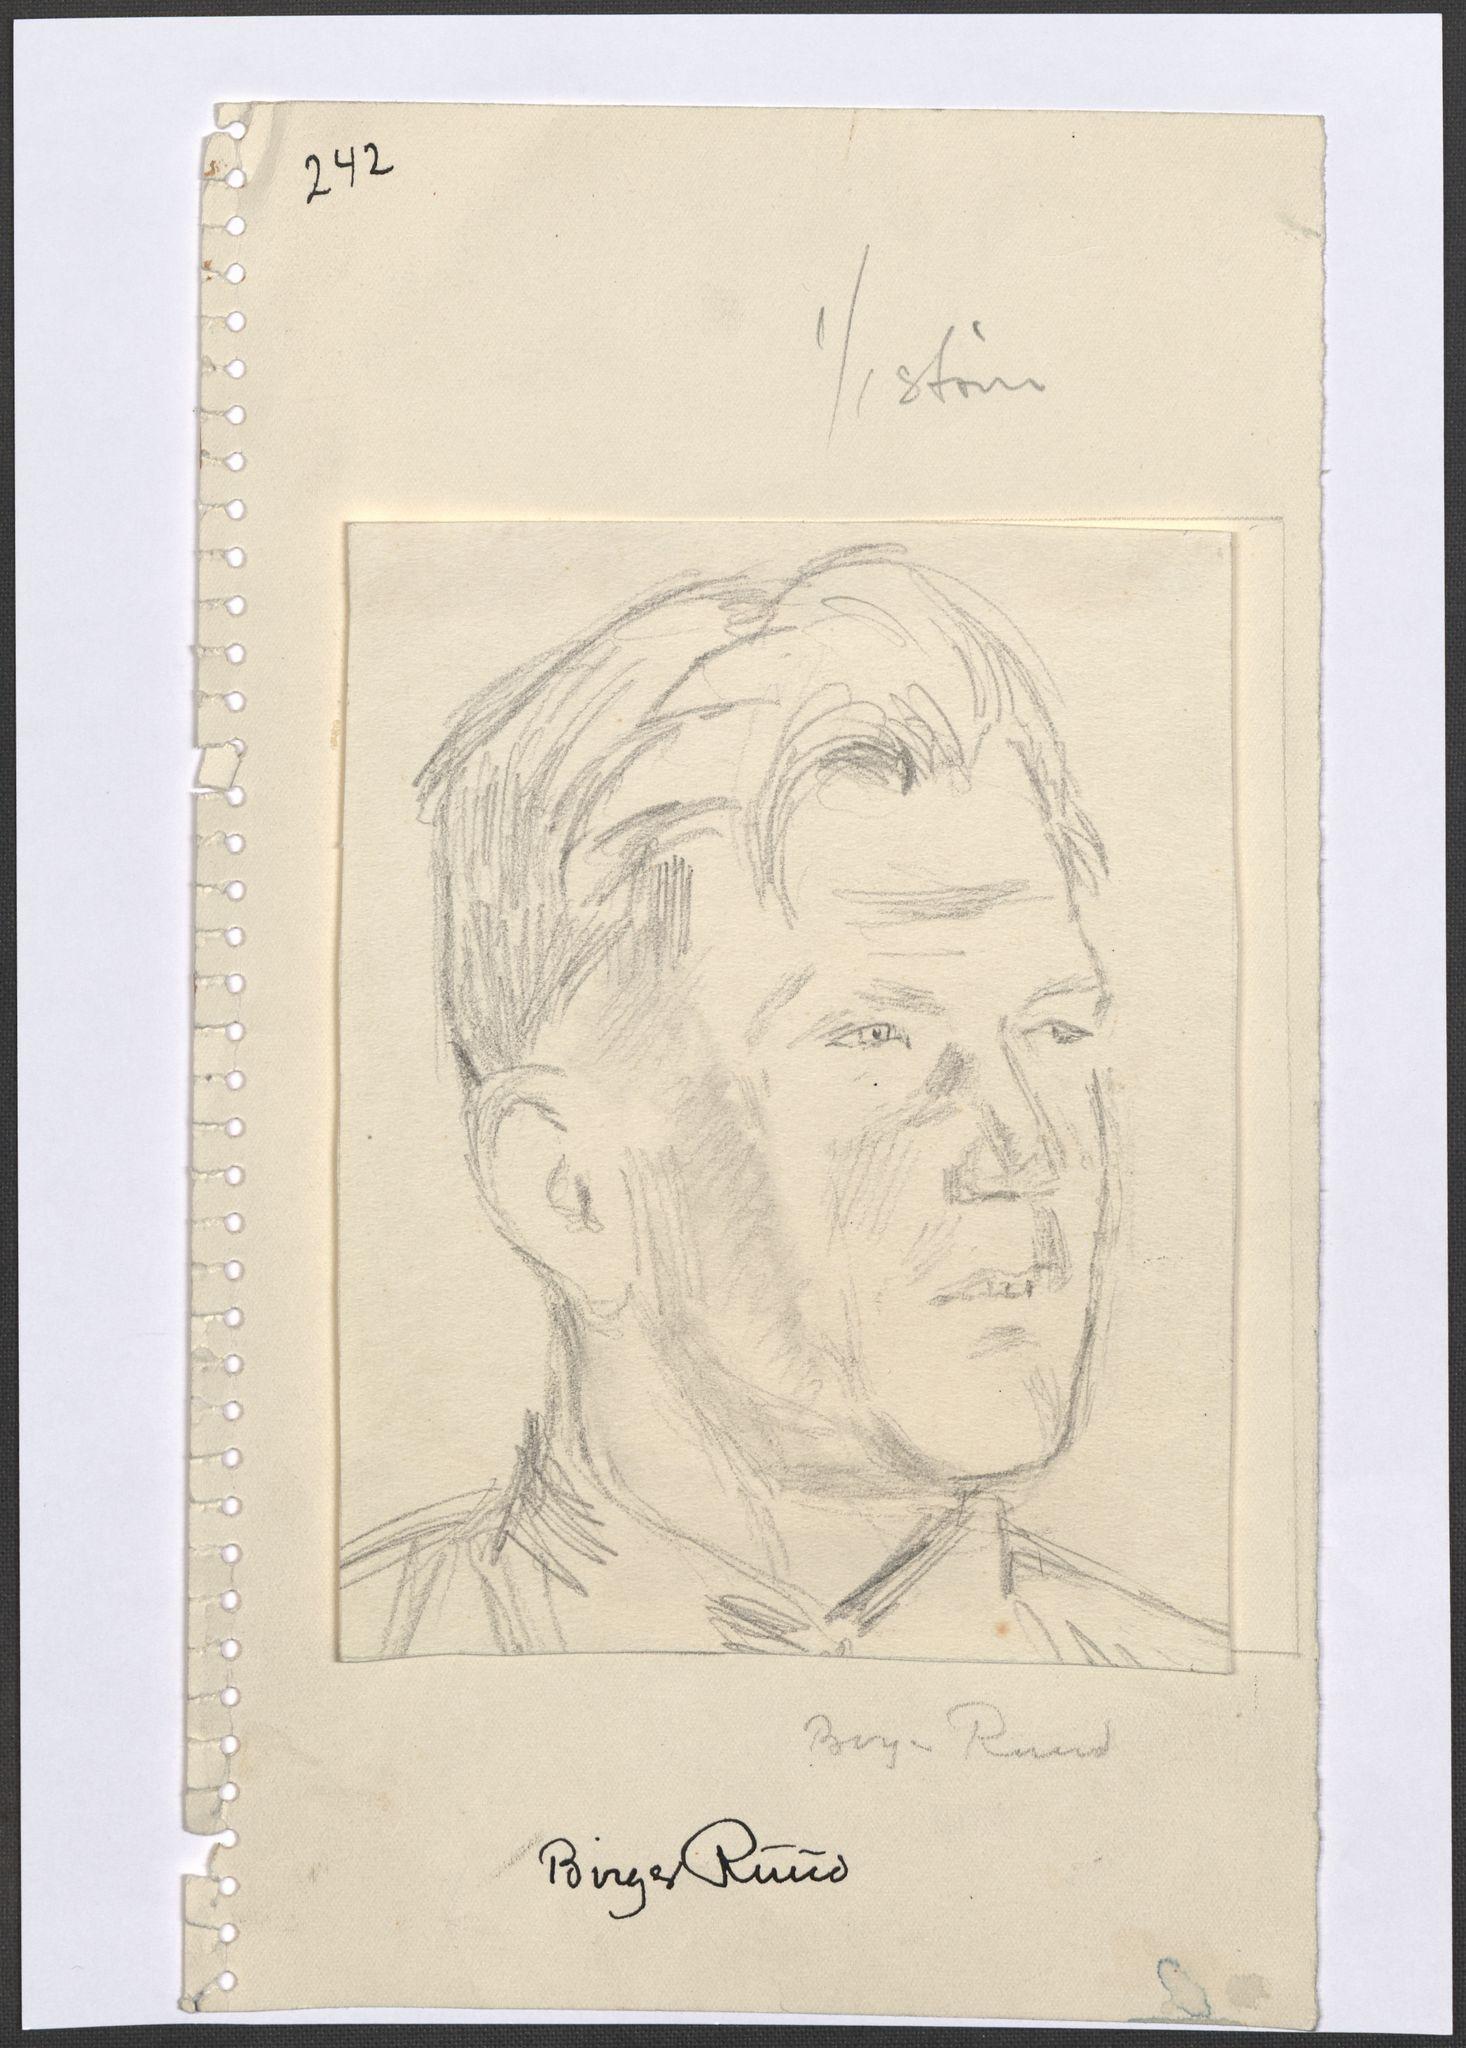 RA, Grøgaard, Joachim, F/L0002: Tegninger og tekster, 1942-1945, s. 57